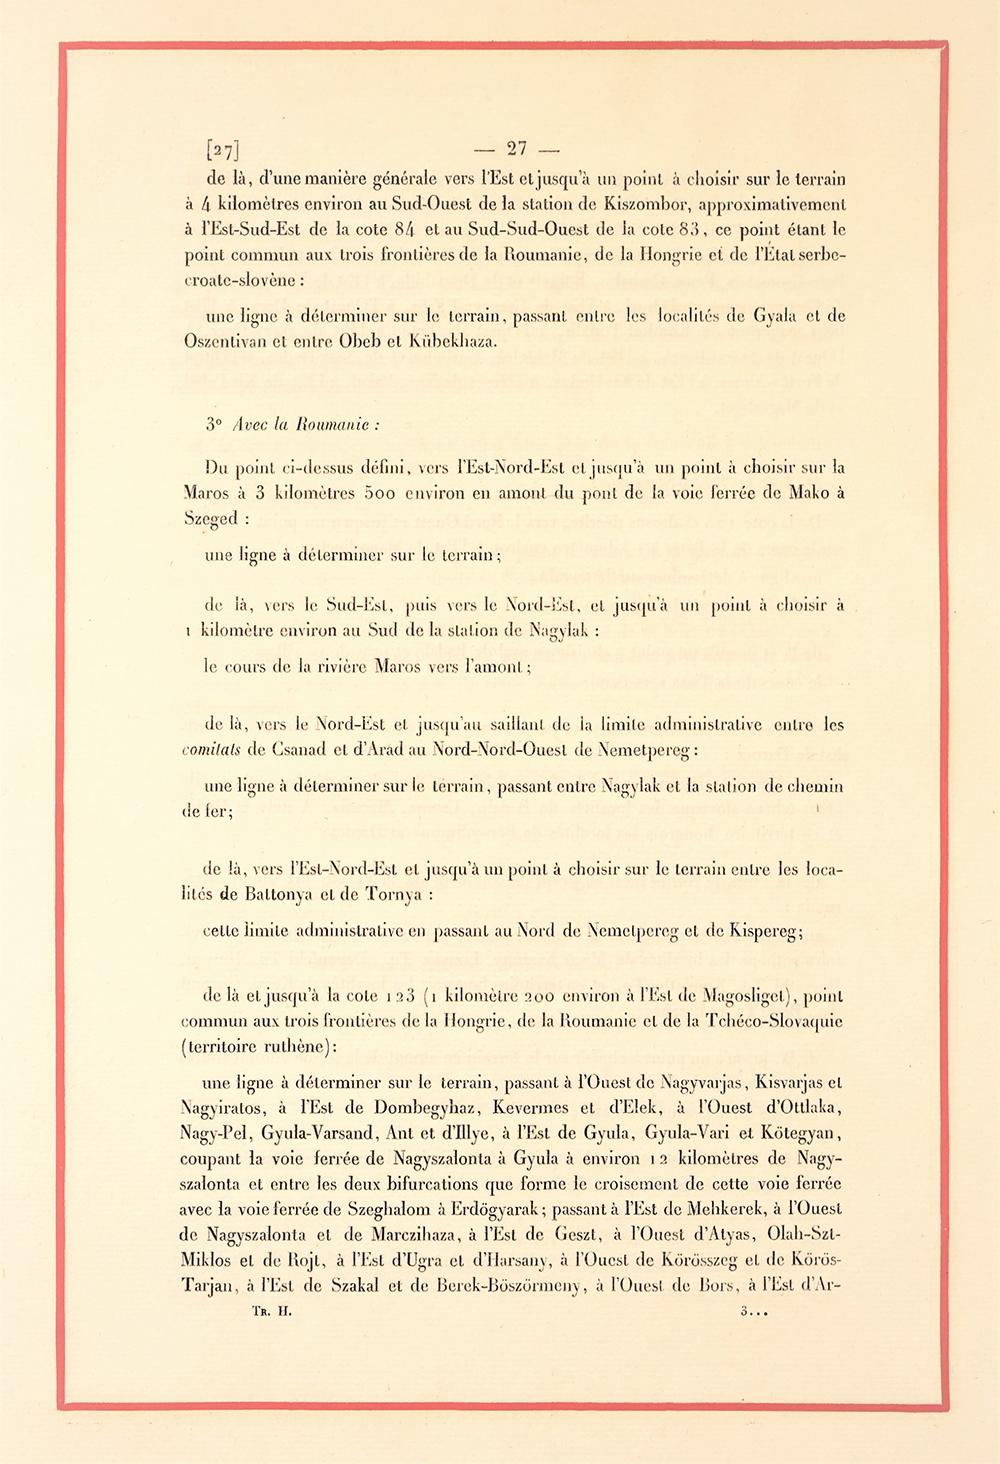 Frontierele Ungariei cu România, extras din Tratatul de la Trianon, AMAE